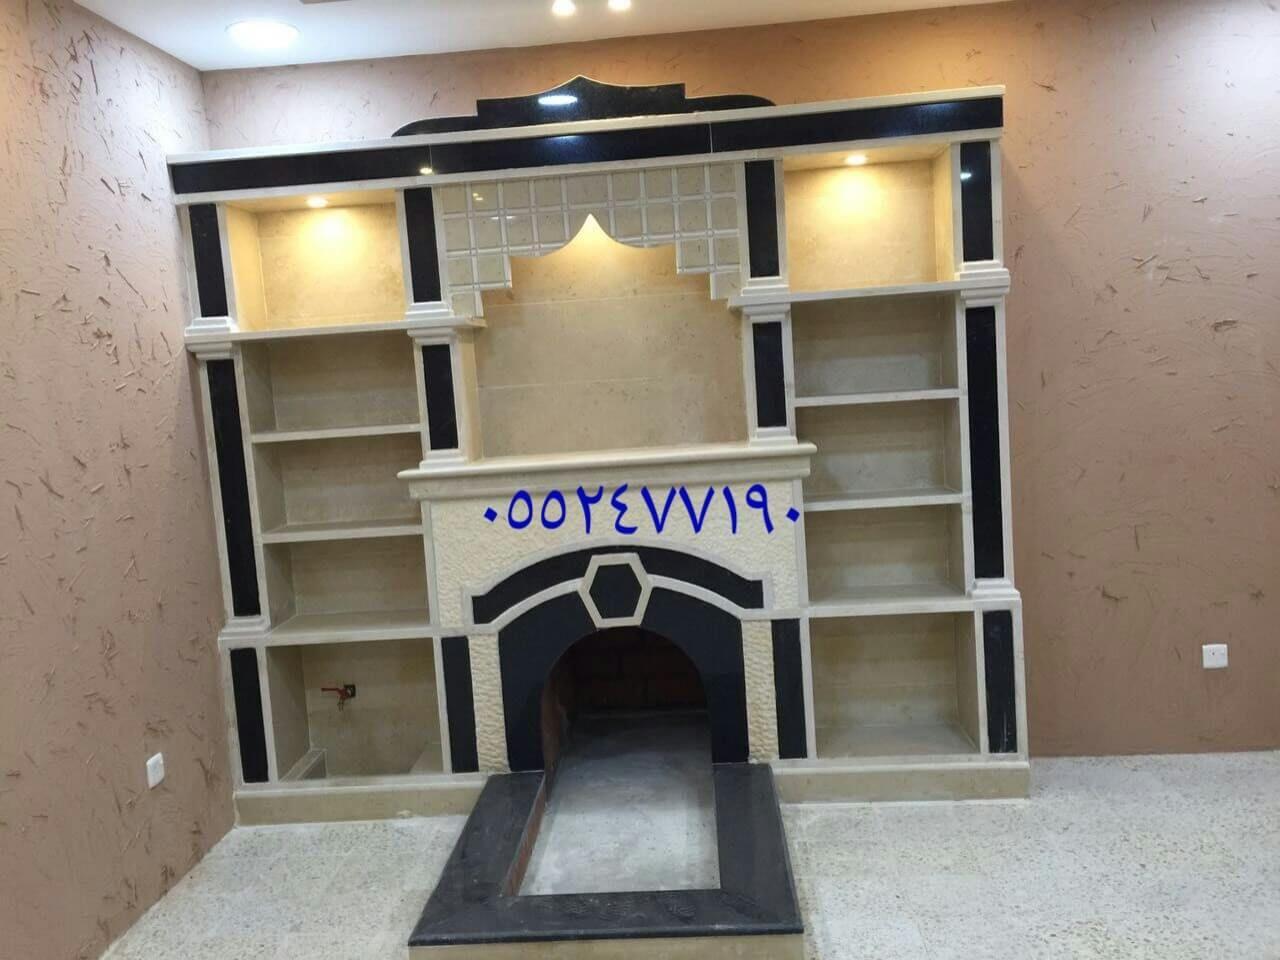 ديكورات مشبات ديكور مشبات يوتيوب مشبات مشبات في ينبع مشبات واجهات قزاز مشبات واجه زجاج Home Decor Decor Fireplace